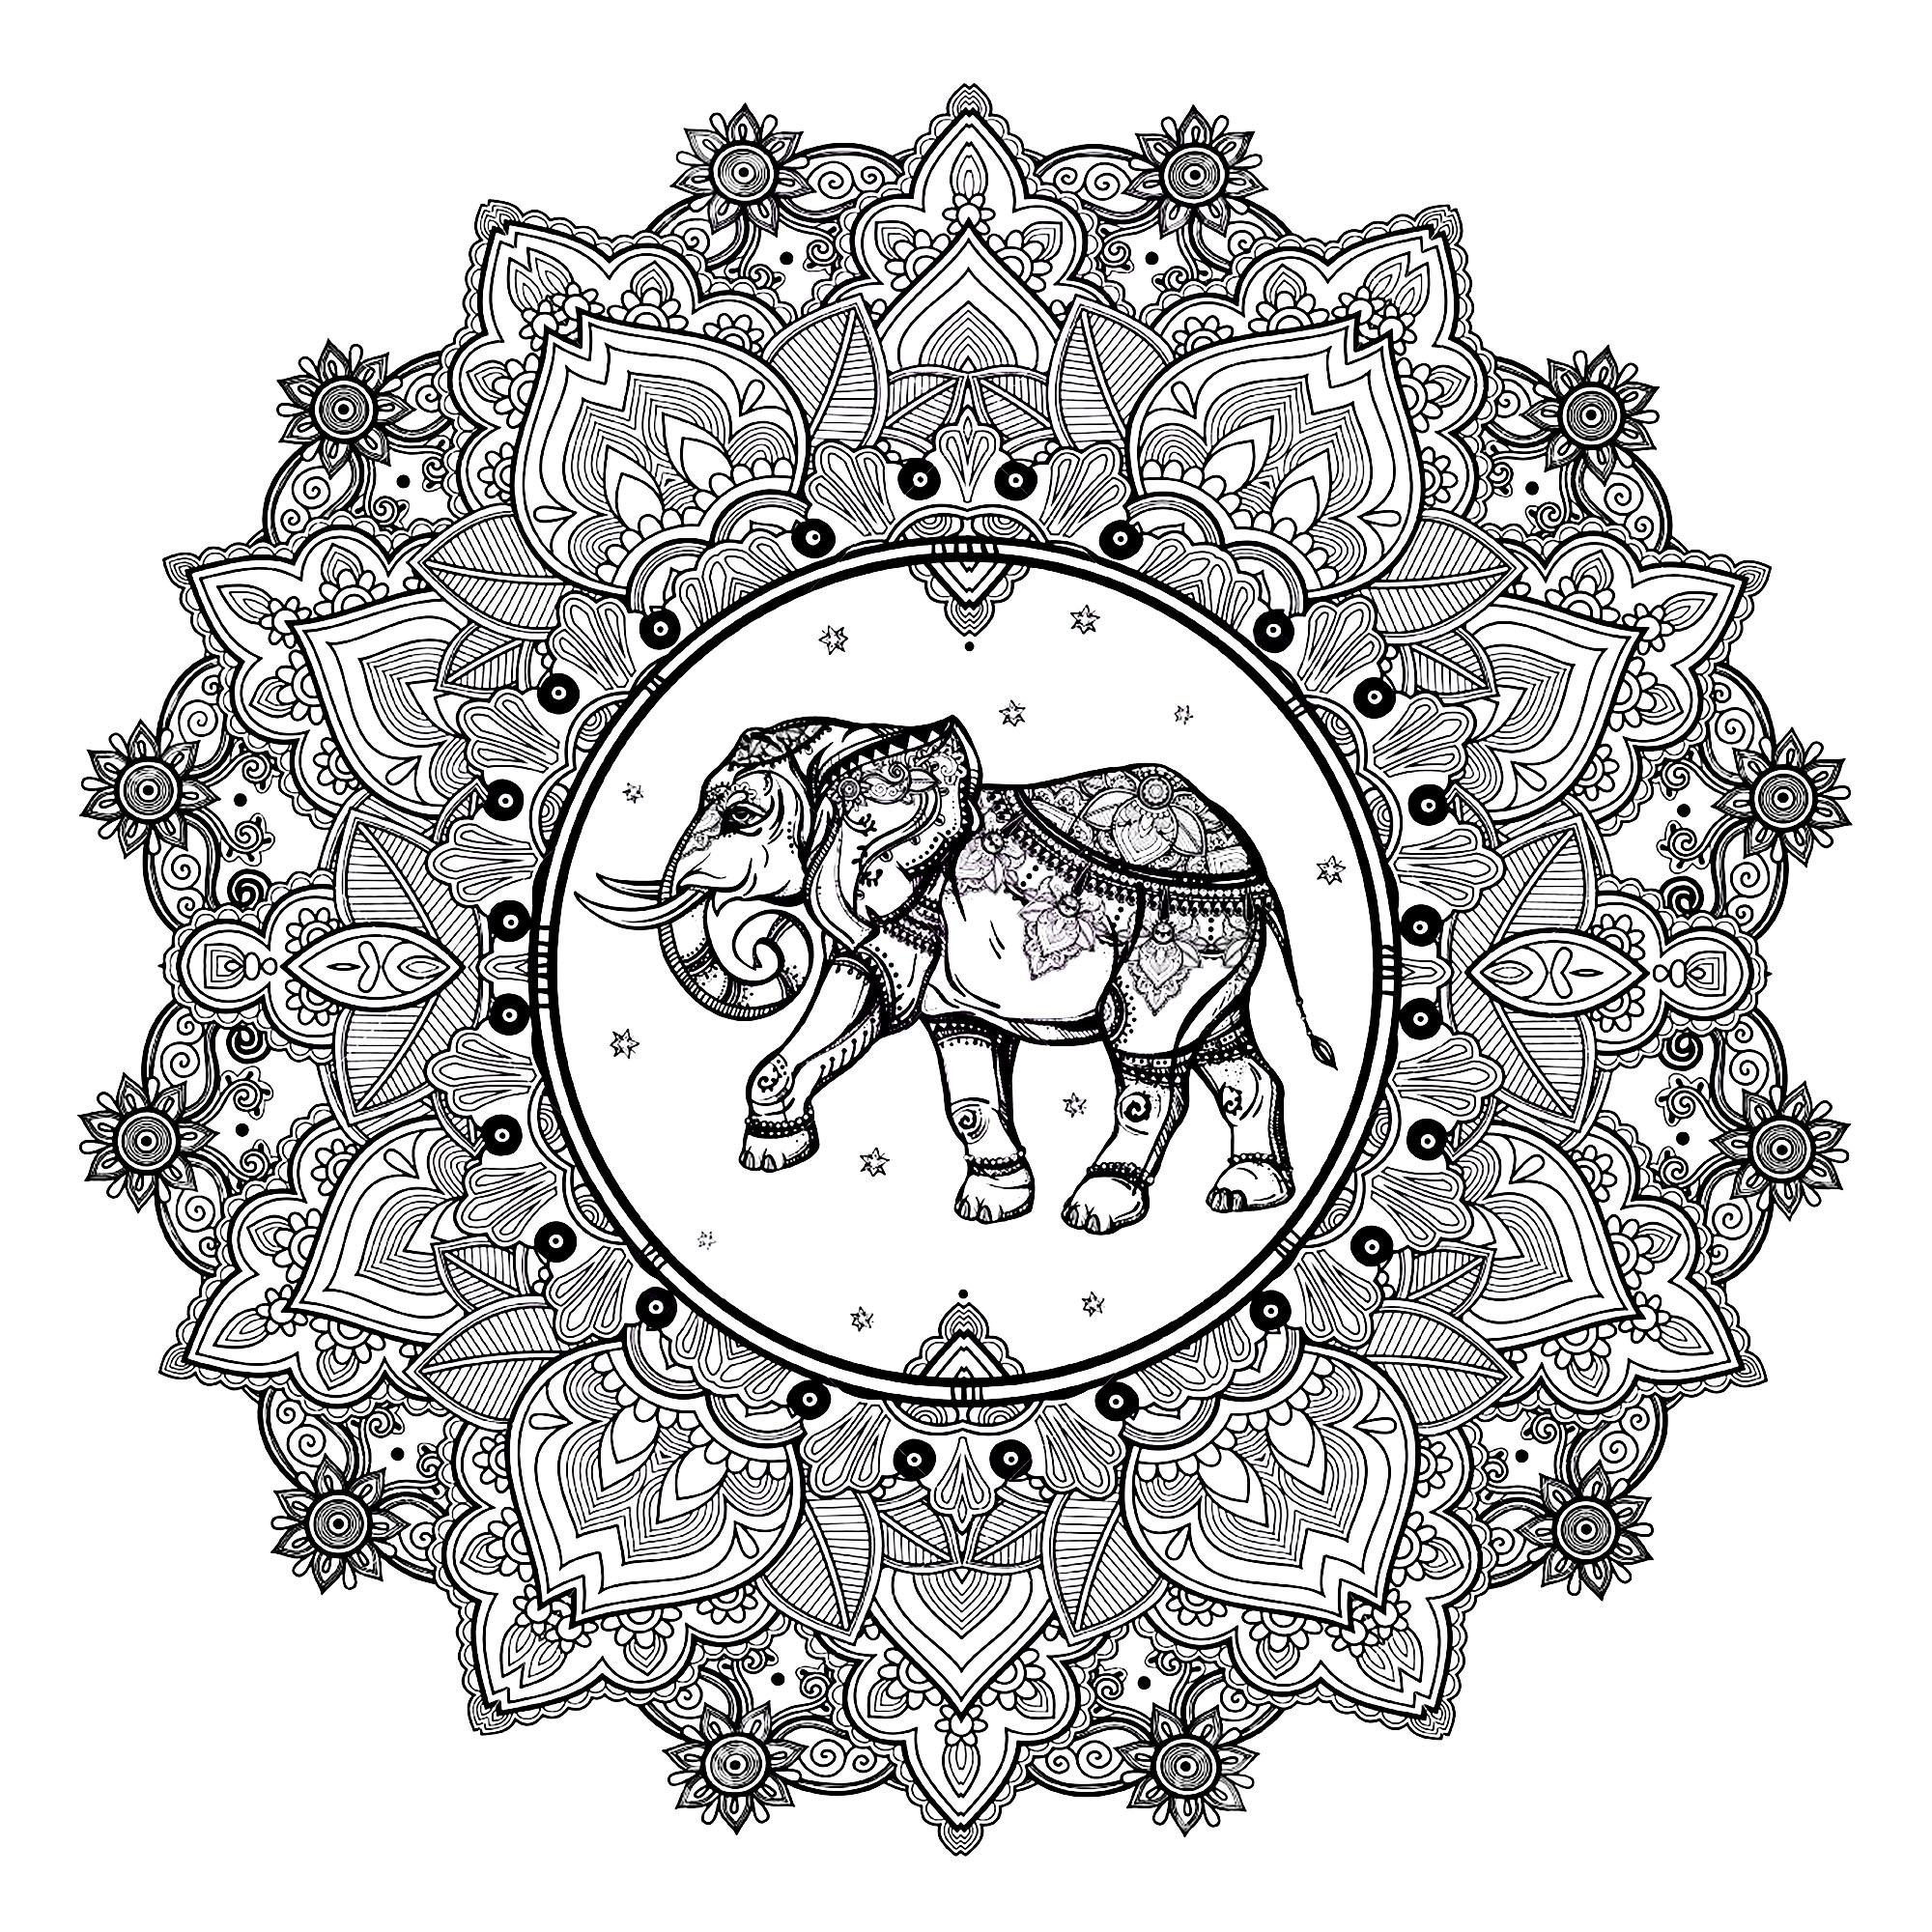 Coloriage De Mandala Danimaux.Mandala Elephant Complexe Mandalas Sur Le Theme Des Animaux 100